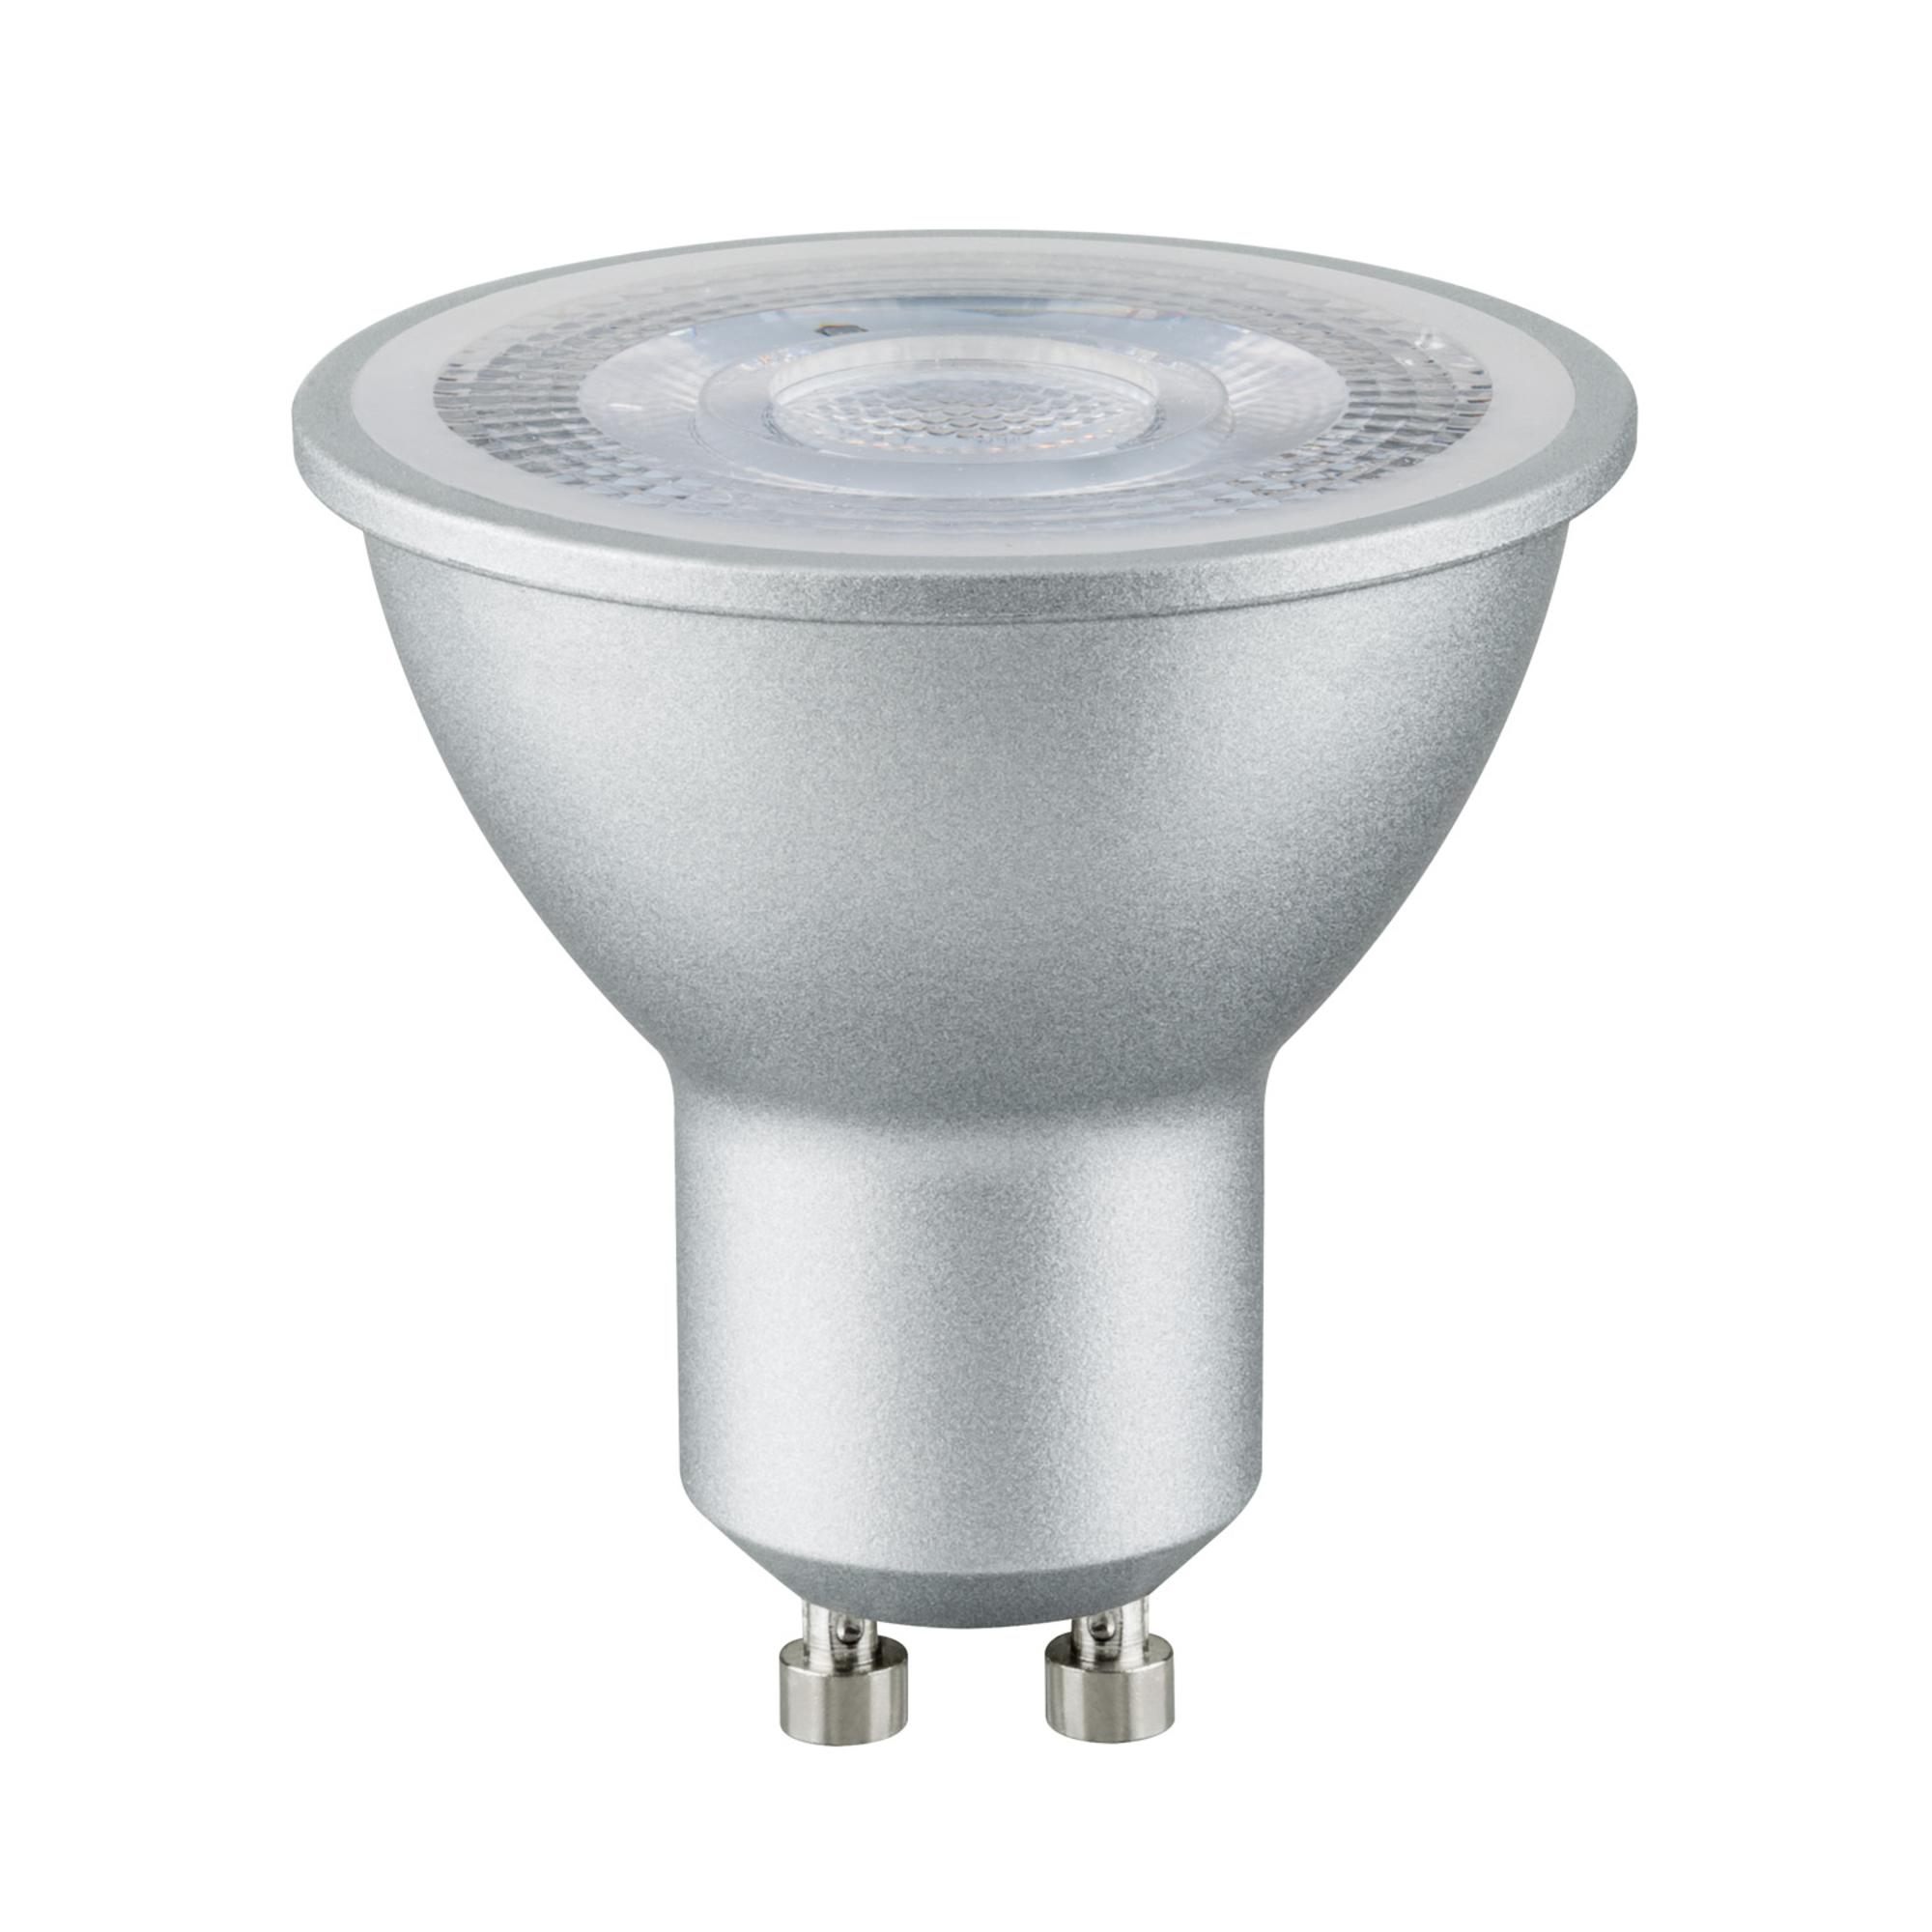 Лампа светодиодная Paulmann Рефлекторная 5.5Вт 345лм 2700K GU10 230В Прозрачный Дим. 28463.